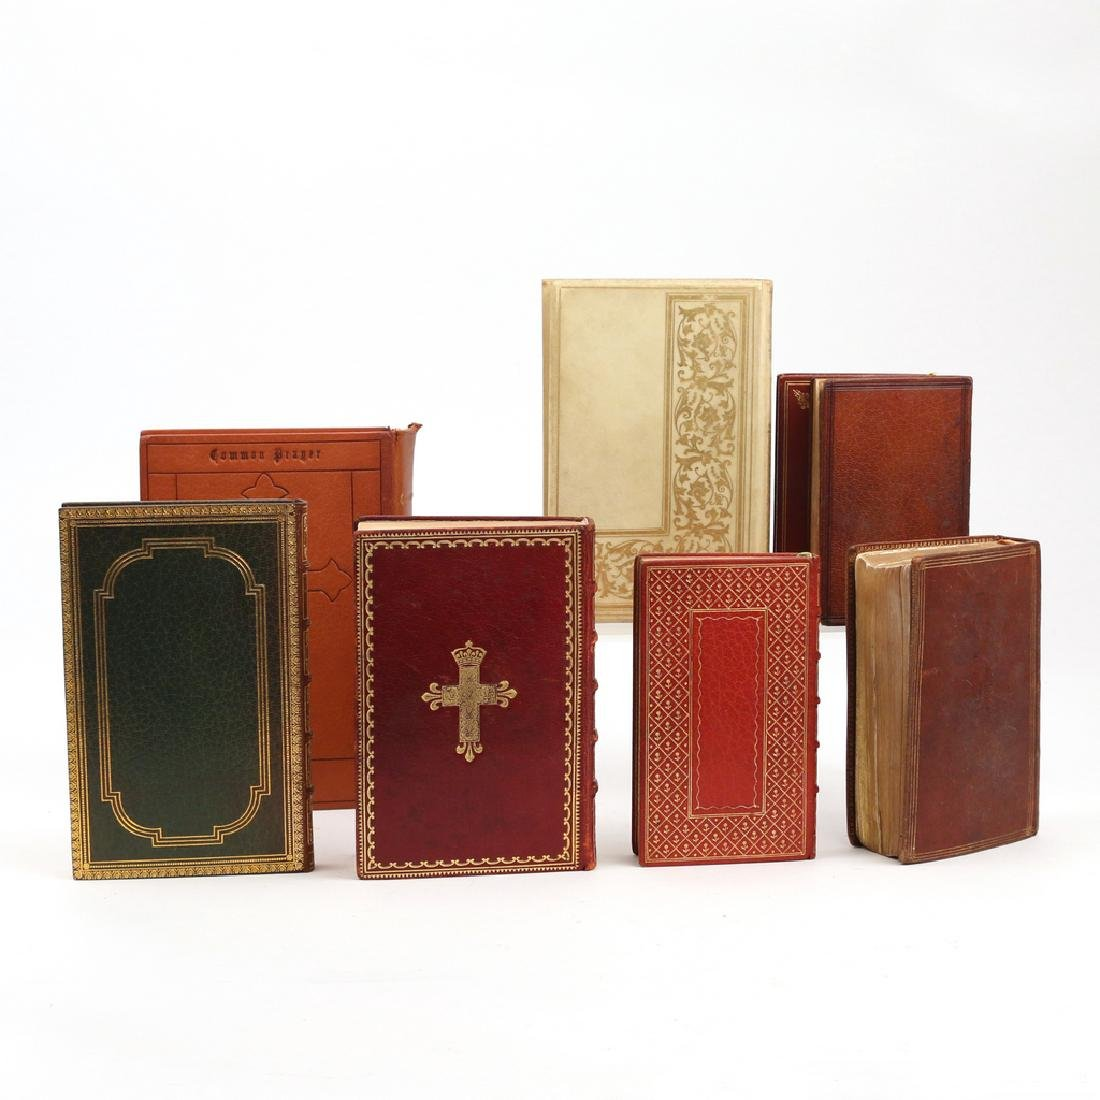 (8vols) [FINE BINDINGS] CHRISTIAN BOOKS - 2